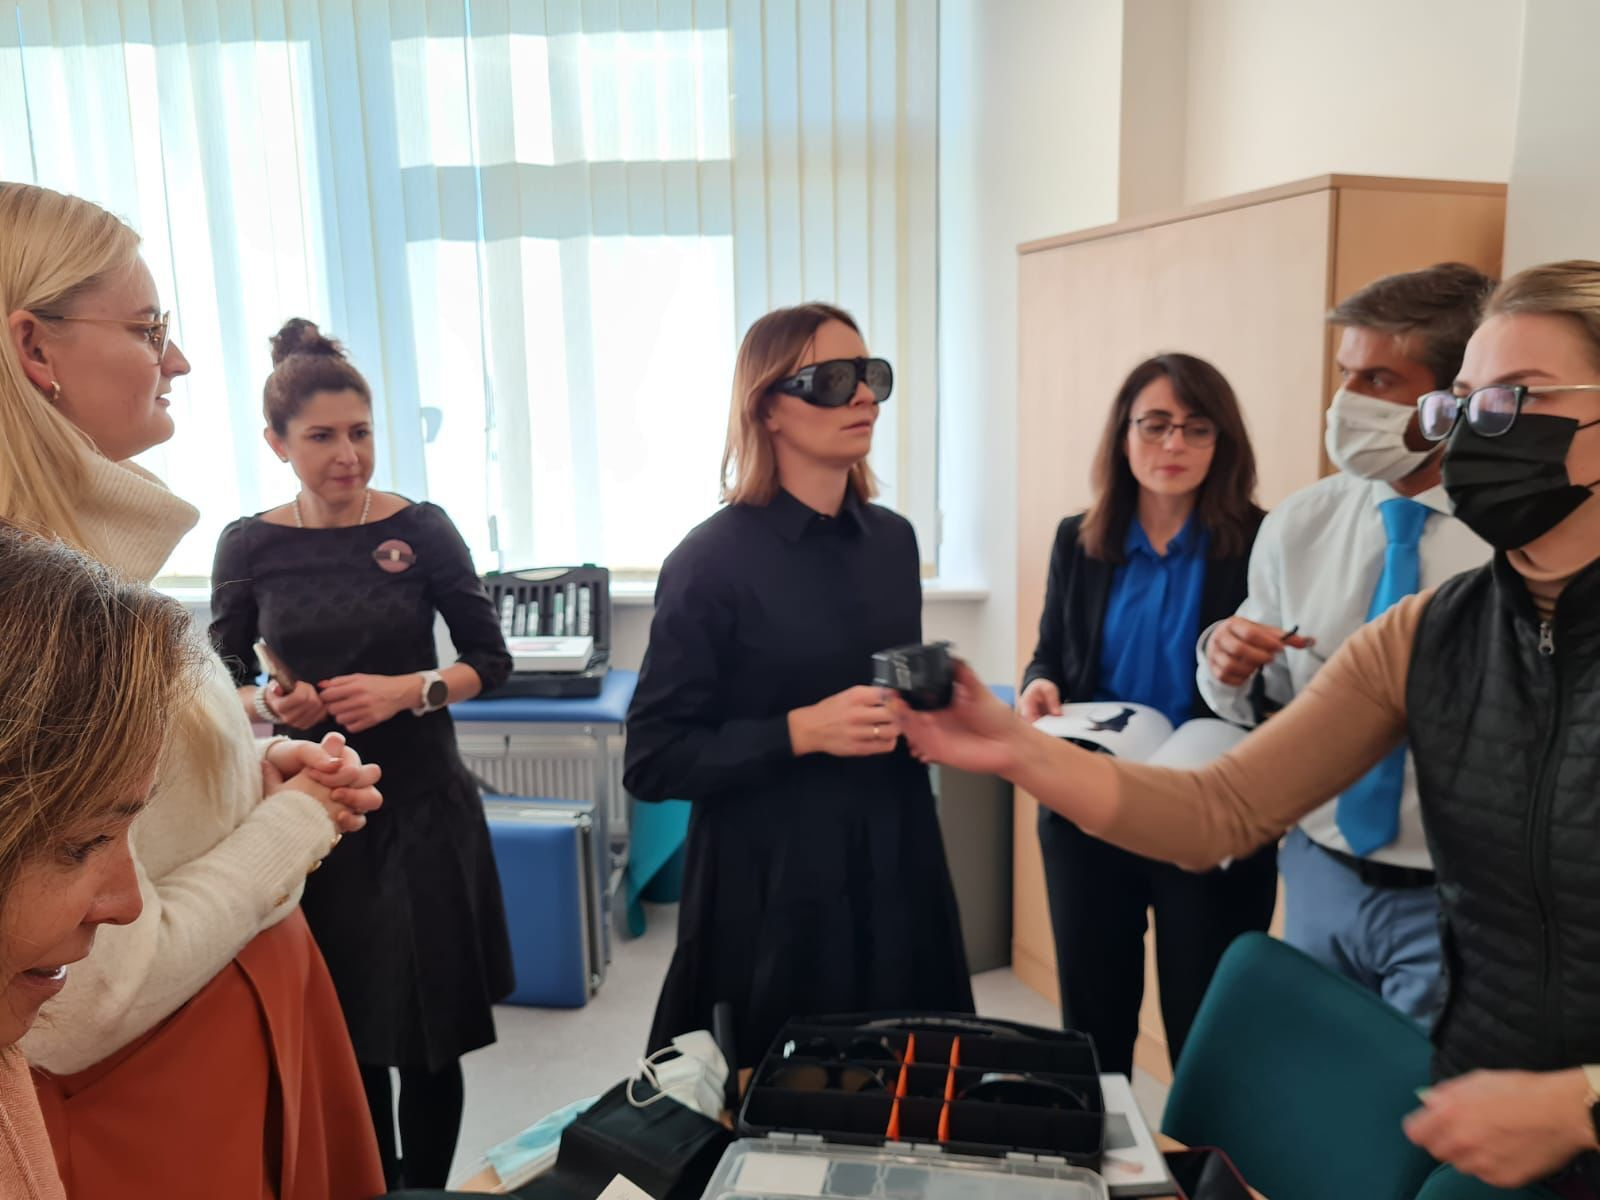 Segundo evento multiplicador de cooperación con Universidades de la costa Báltica en torno al embarazo